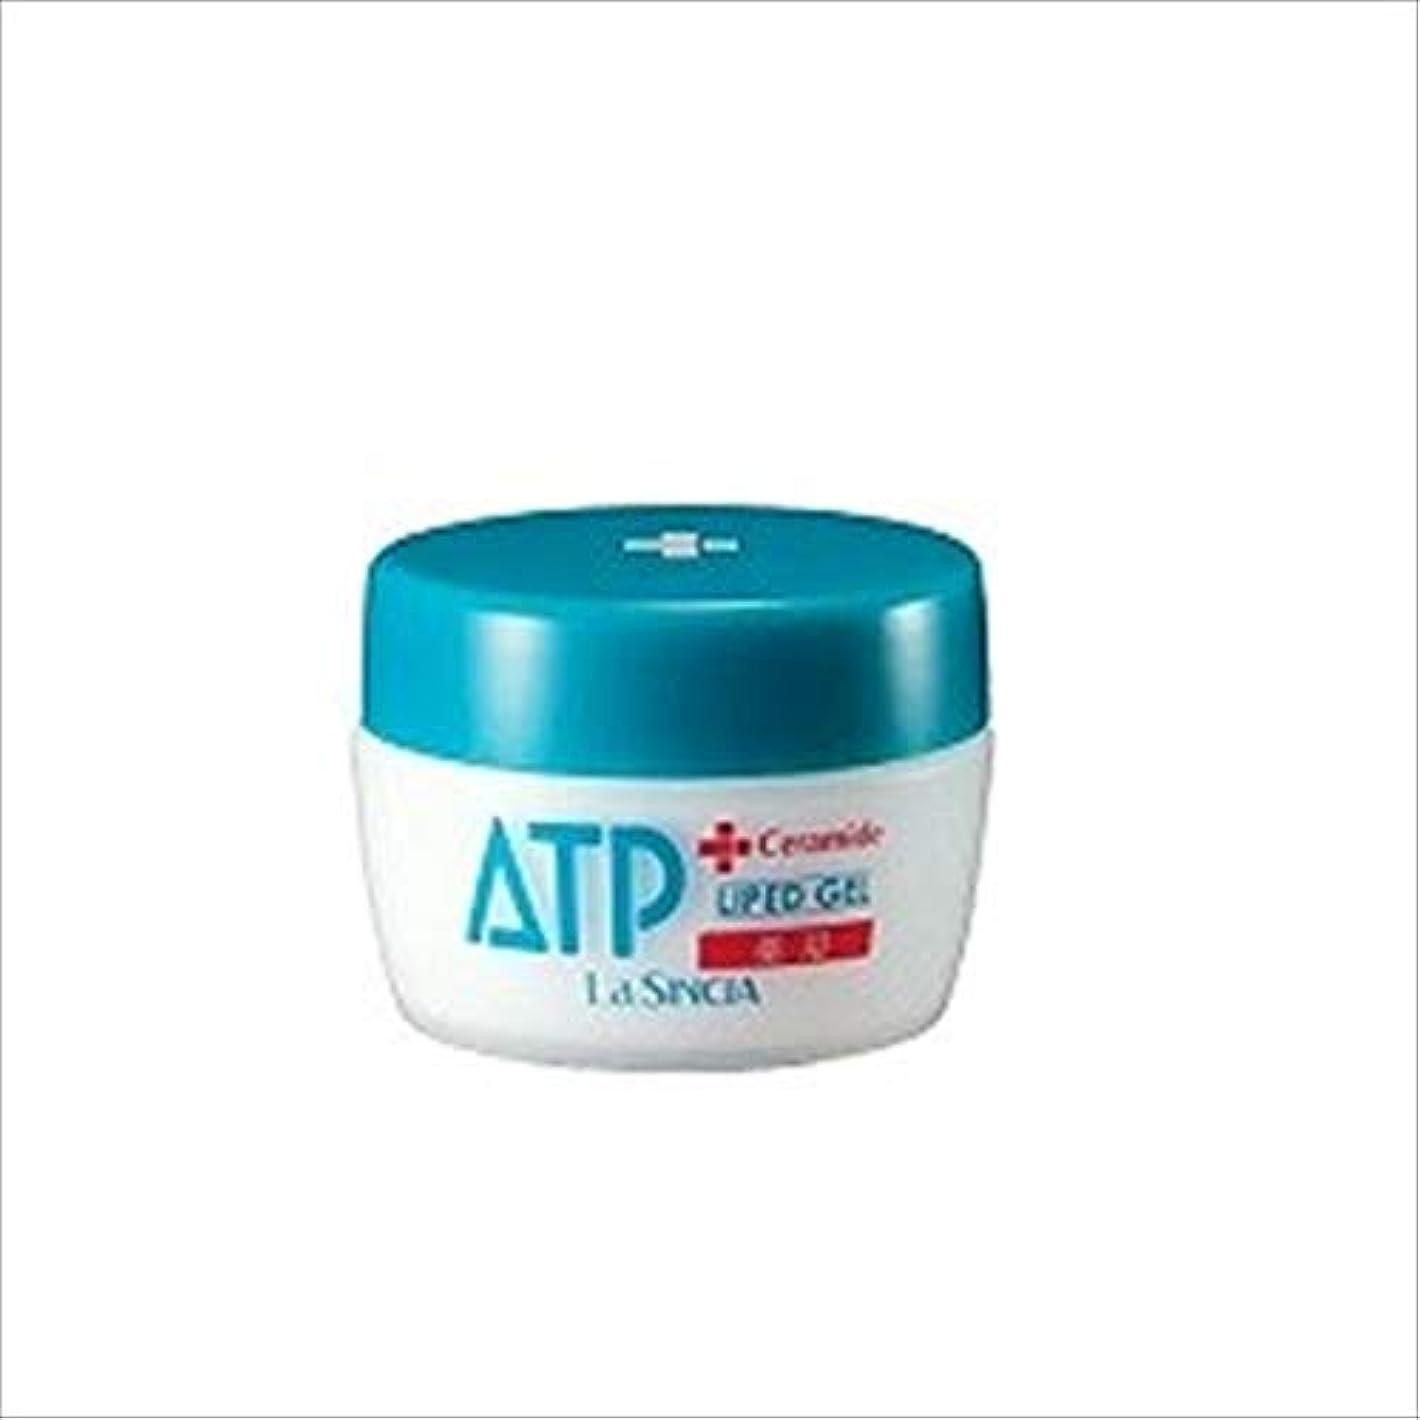 二次ヘルパービジターラ?シンシア 薬用ATP リピッドゲル 30g (全身?頭皮?頭髪用保湿ゲルクリーム)